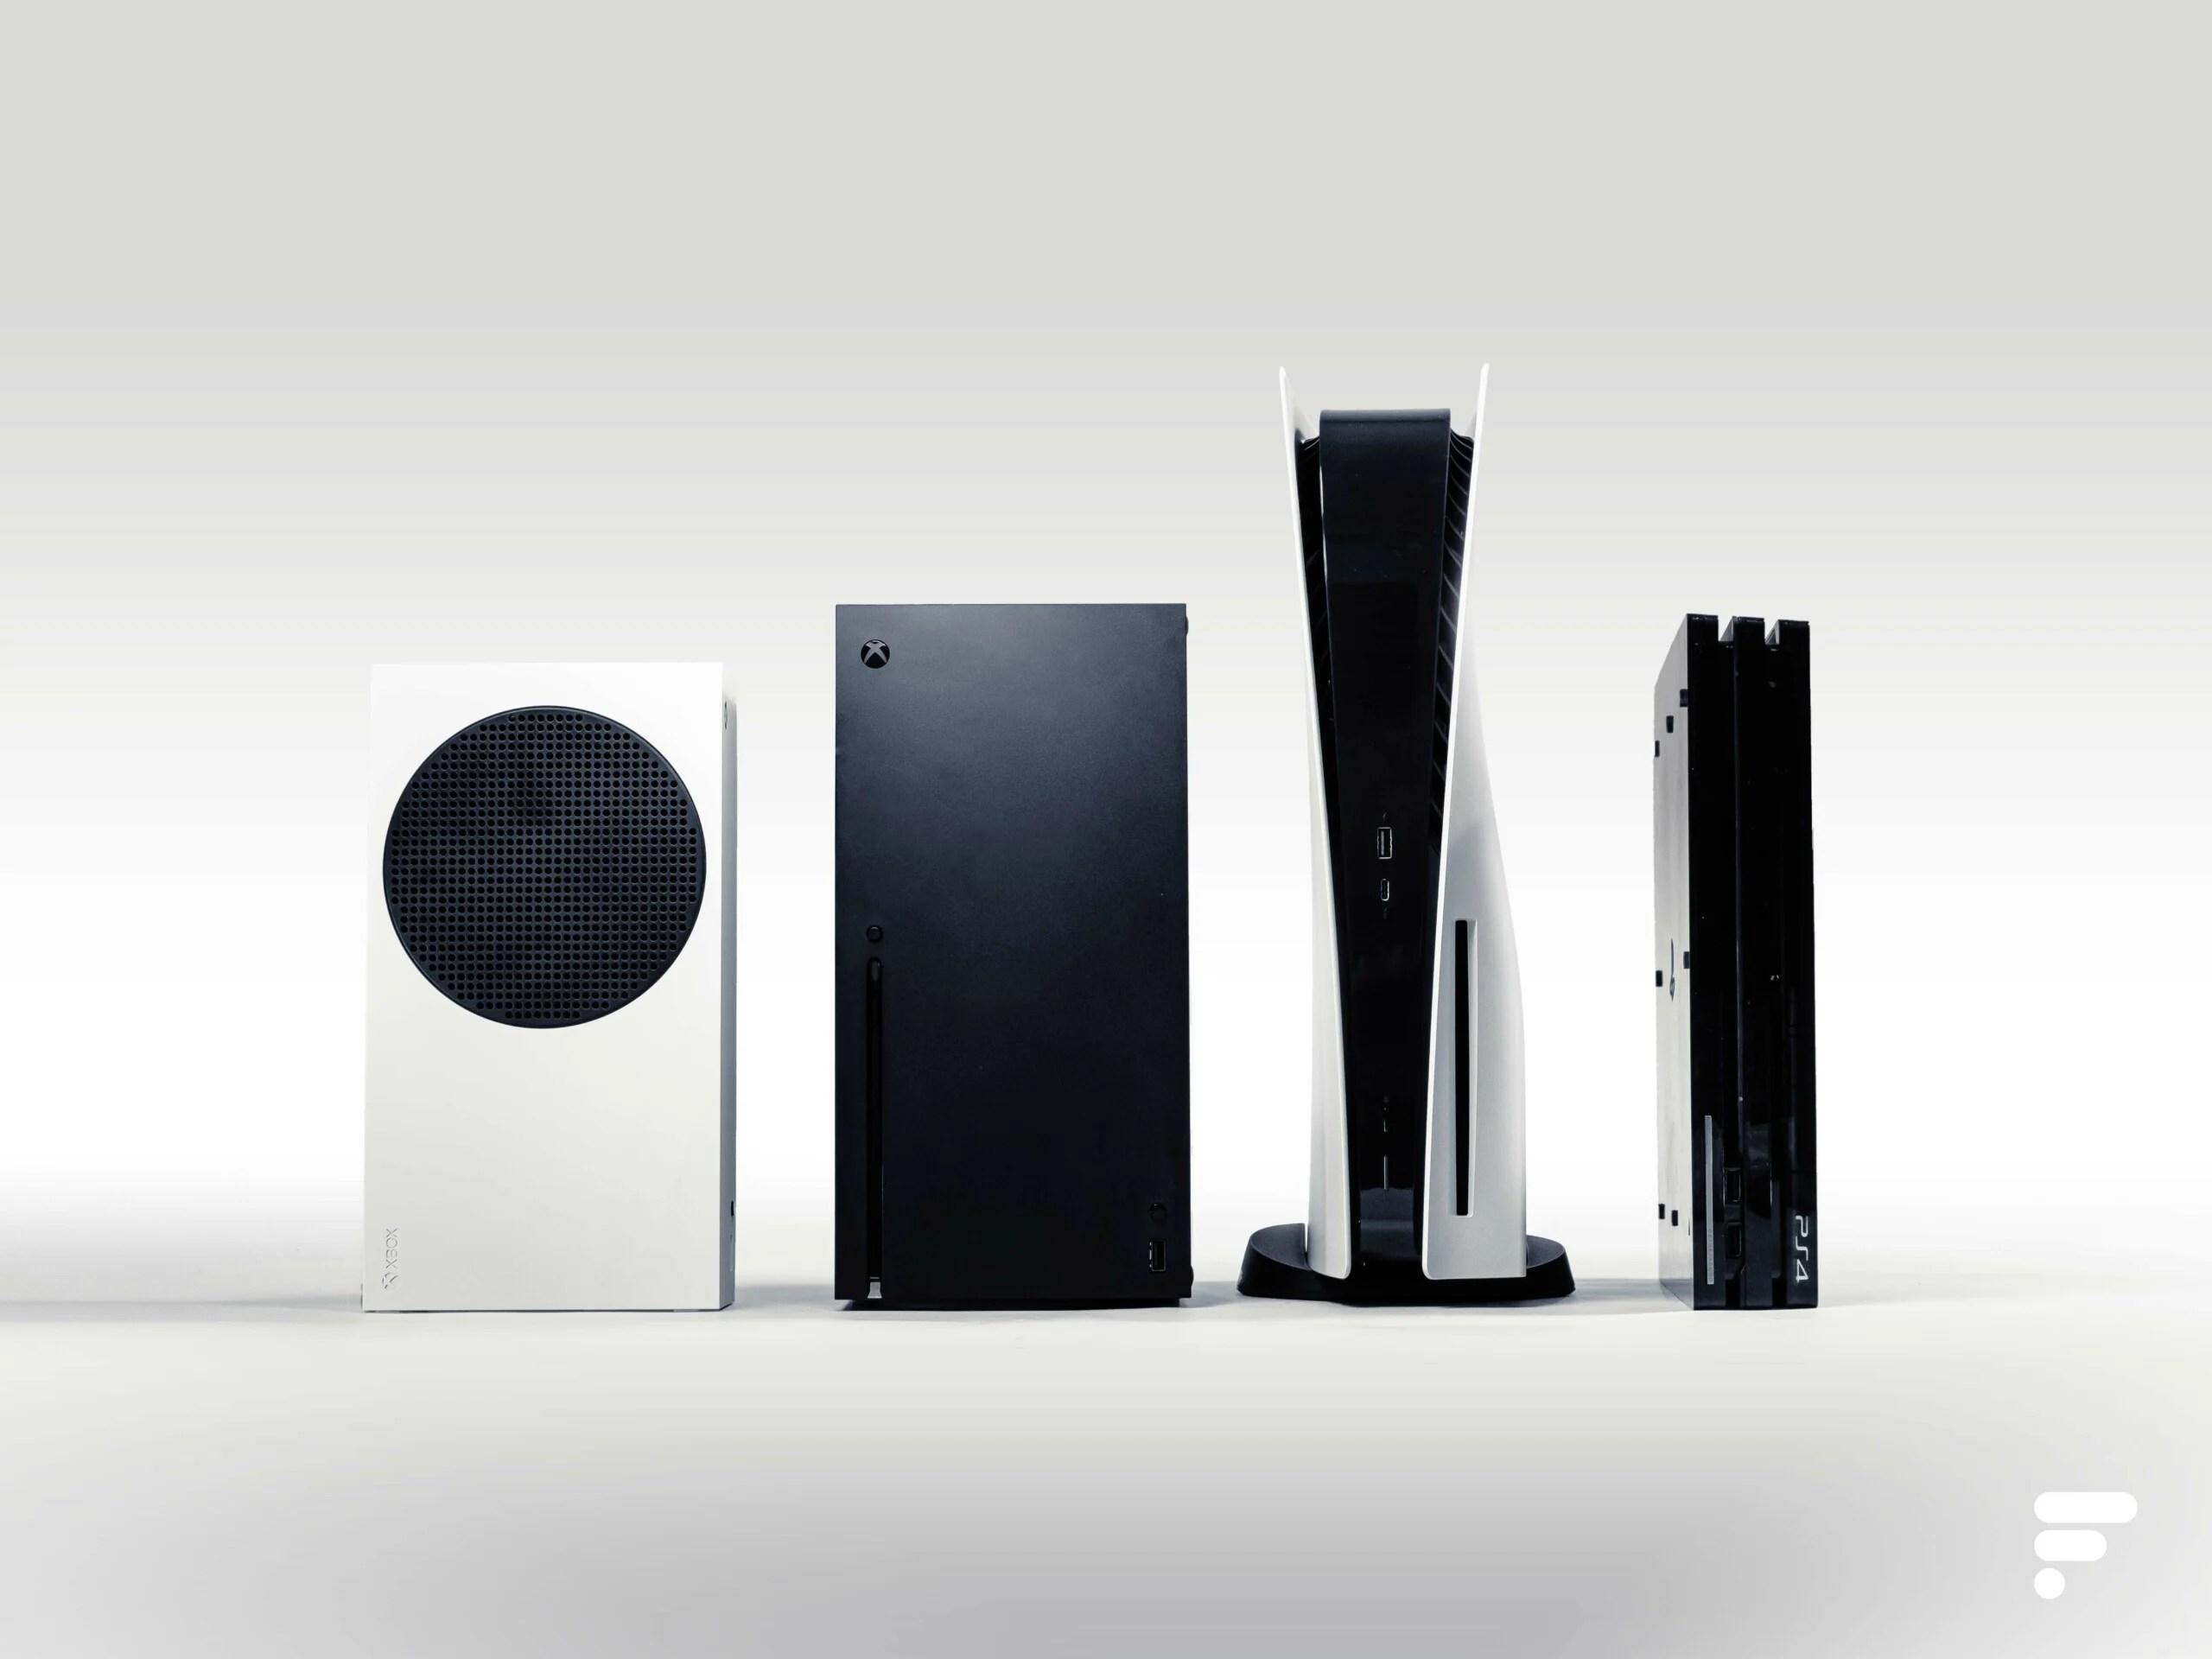 PS5, Xbox Series X et S : AMD prévient qu'il n'y aura pas de stock avant le milieu de l'année